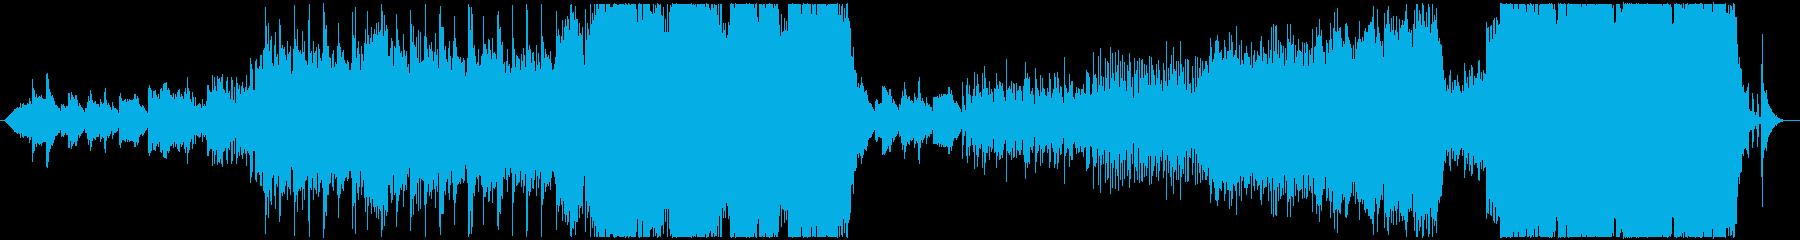 静と動の両立するエピック風オーケストラの再生済みの波形